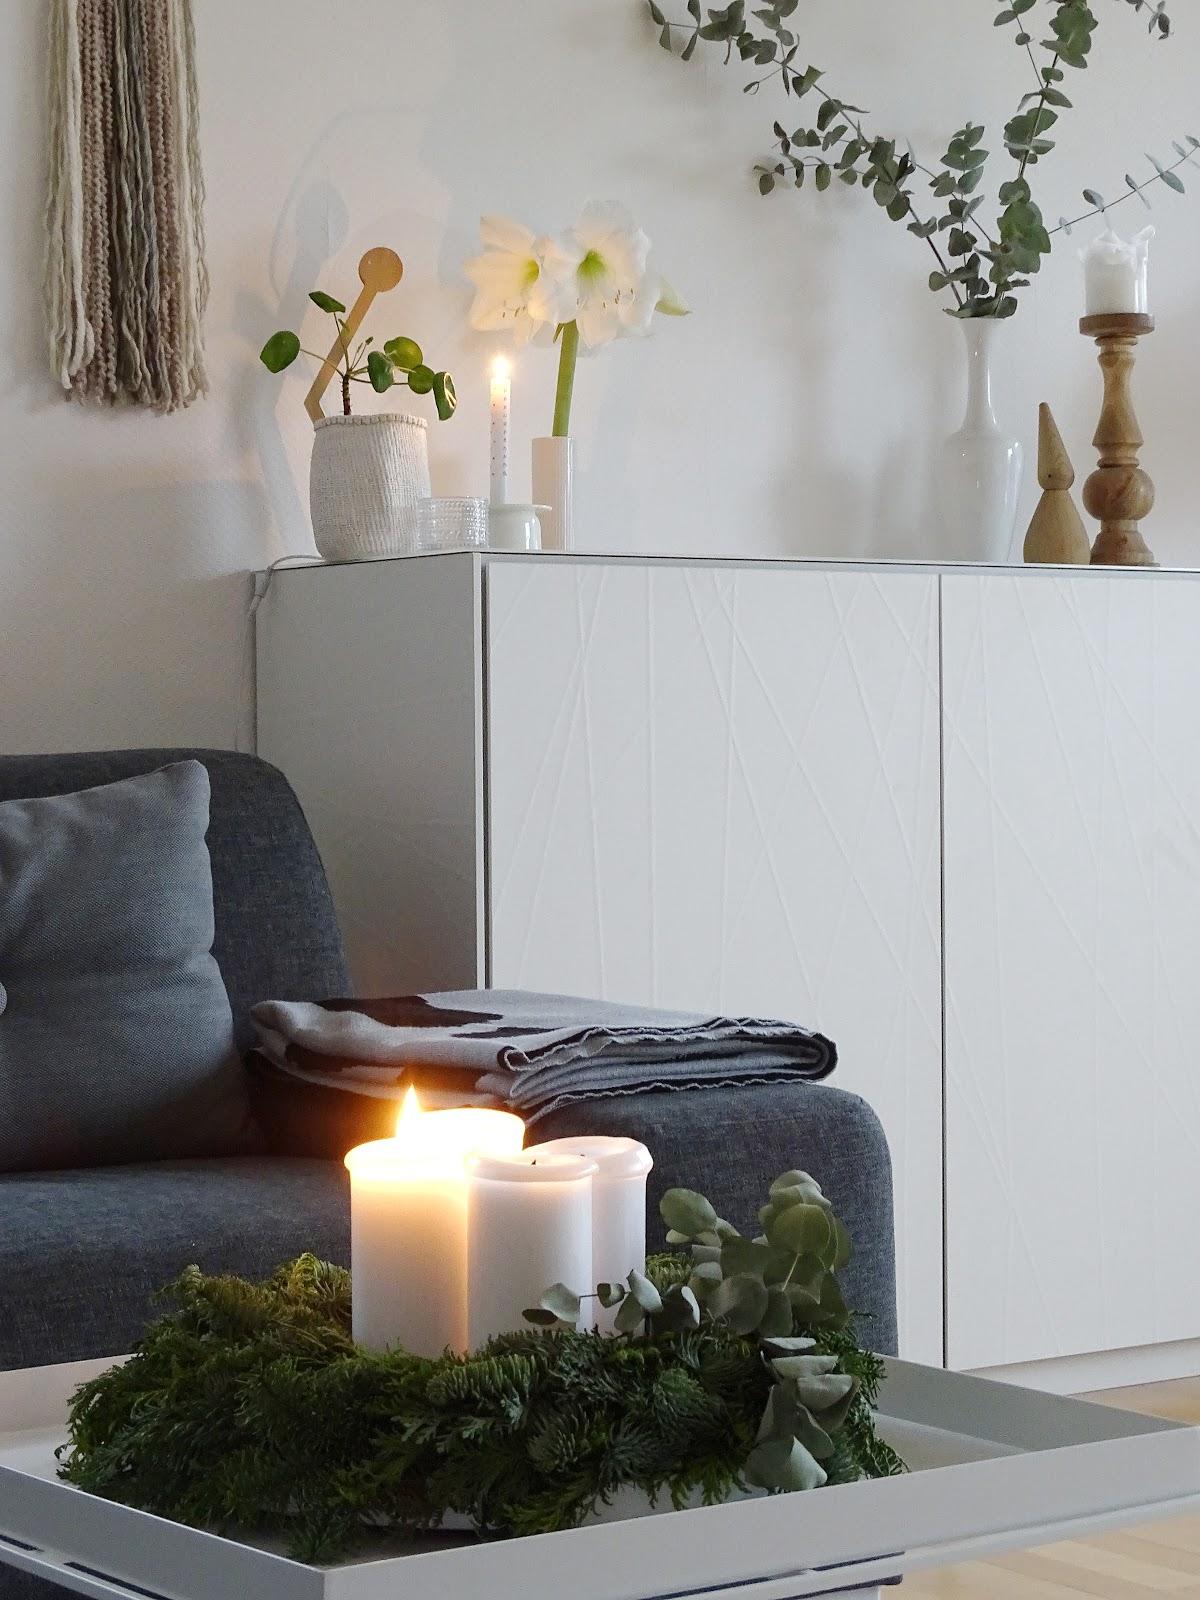 Adventskranz und Weihnachtsdeko im Wohnzimmer - Fotoaktion #12von12 und 1 Tag in 12 Bildern - https://mammilade.blogspot.de